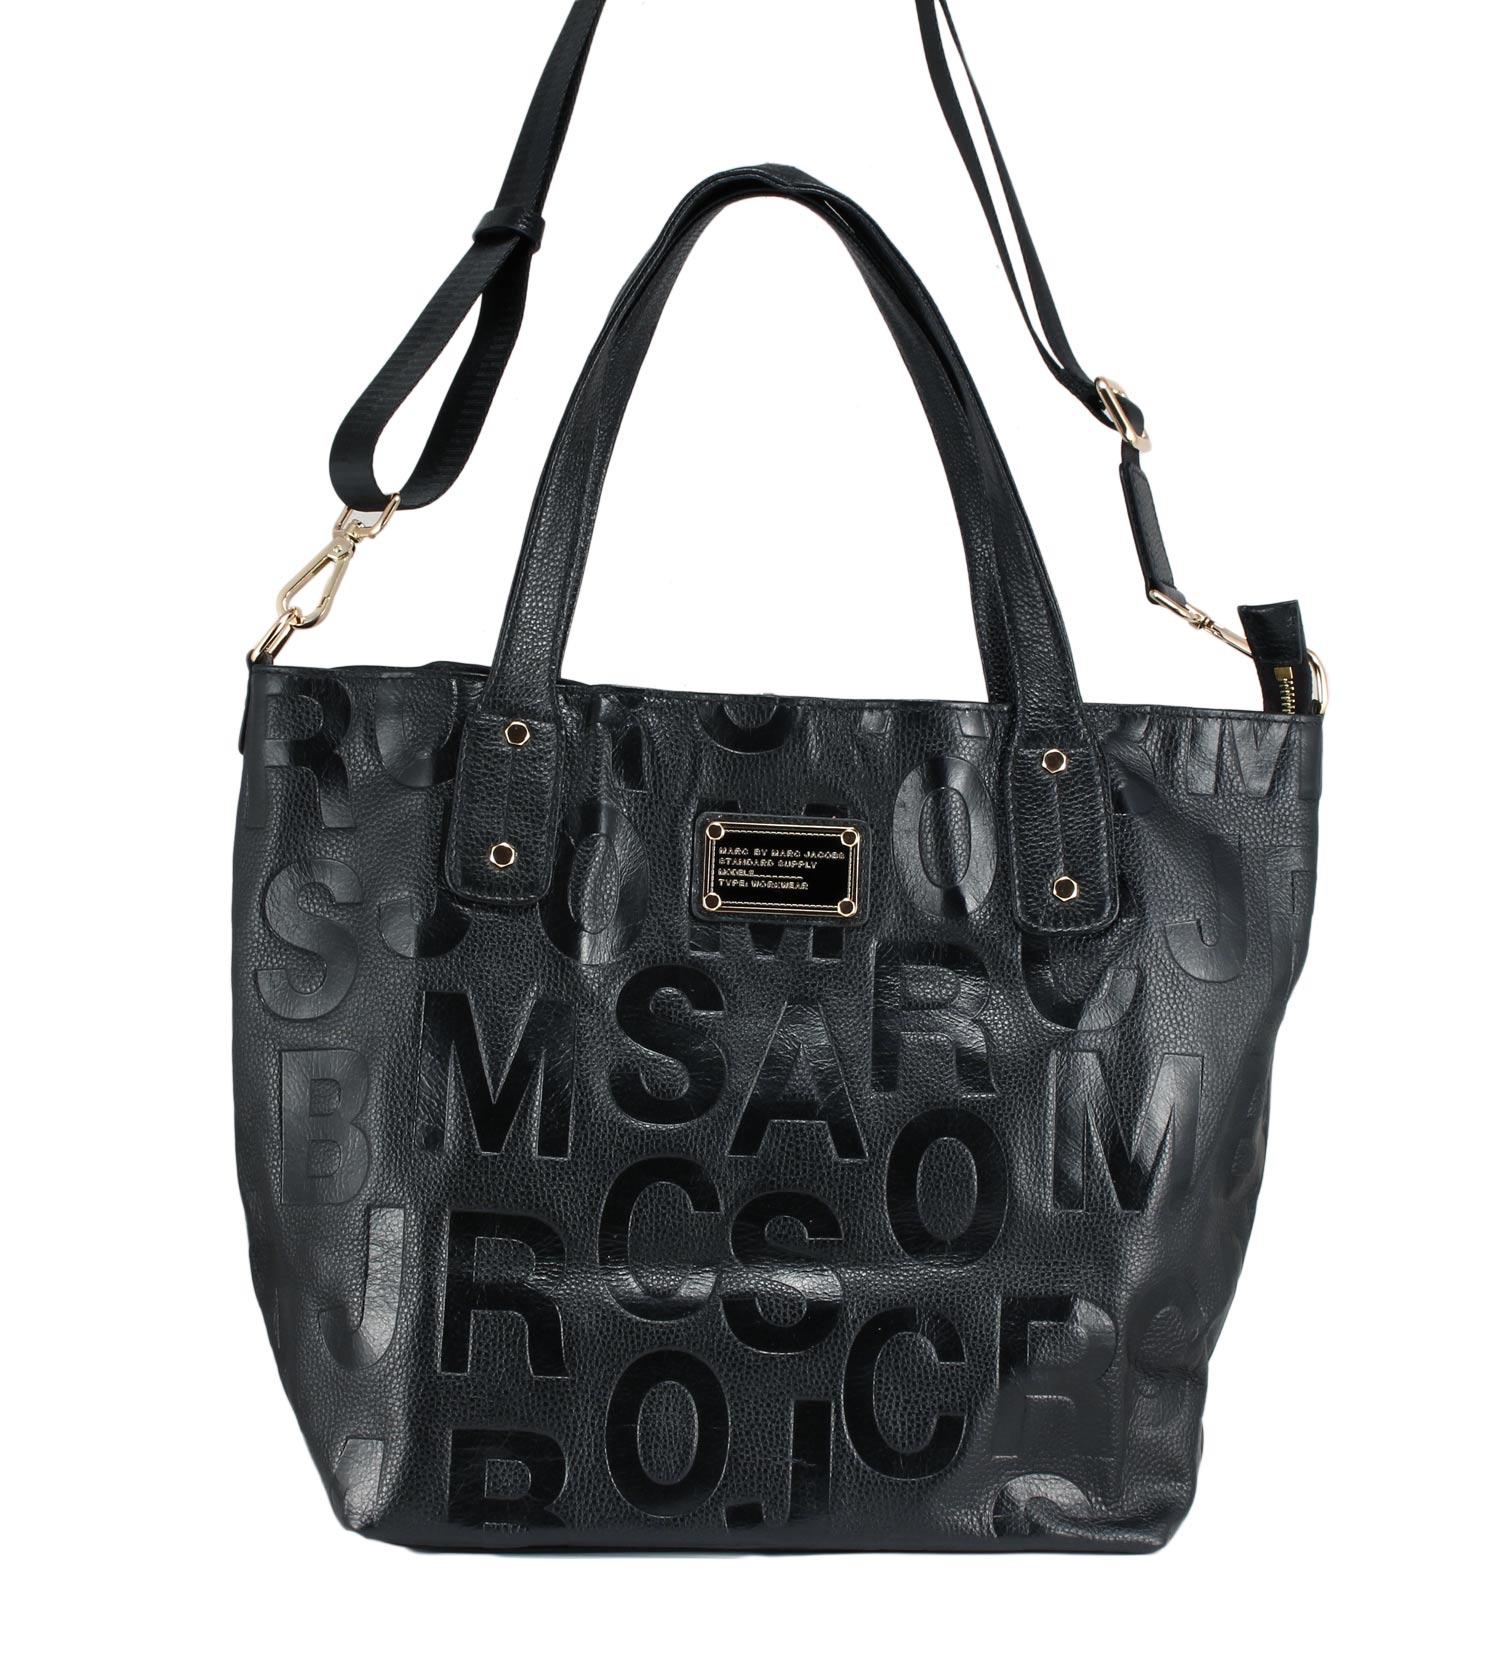 8e50c06ca248 Marc Jacobs 918 MJ Сумка женская купить в Москве по супер цене 4 490 ...